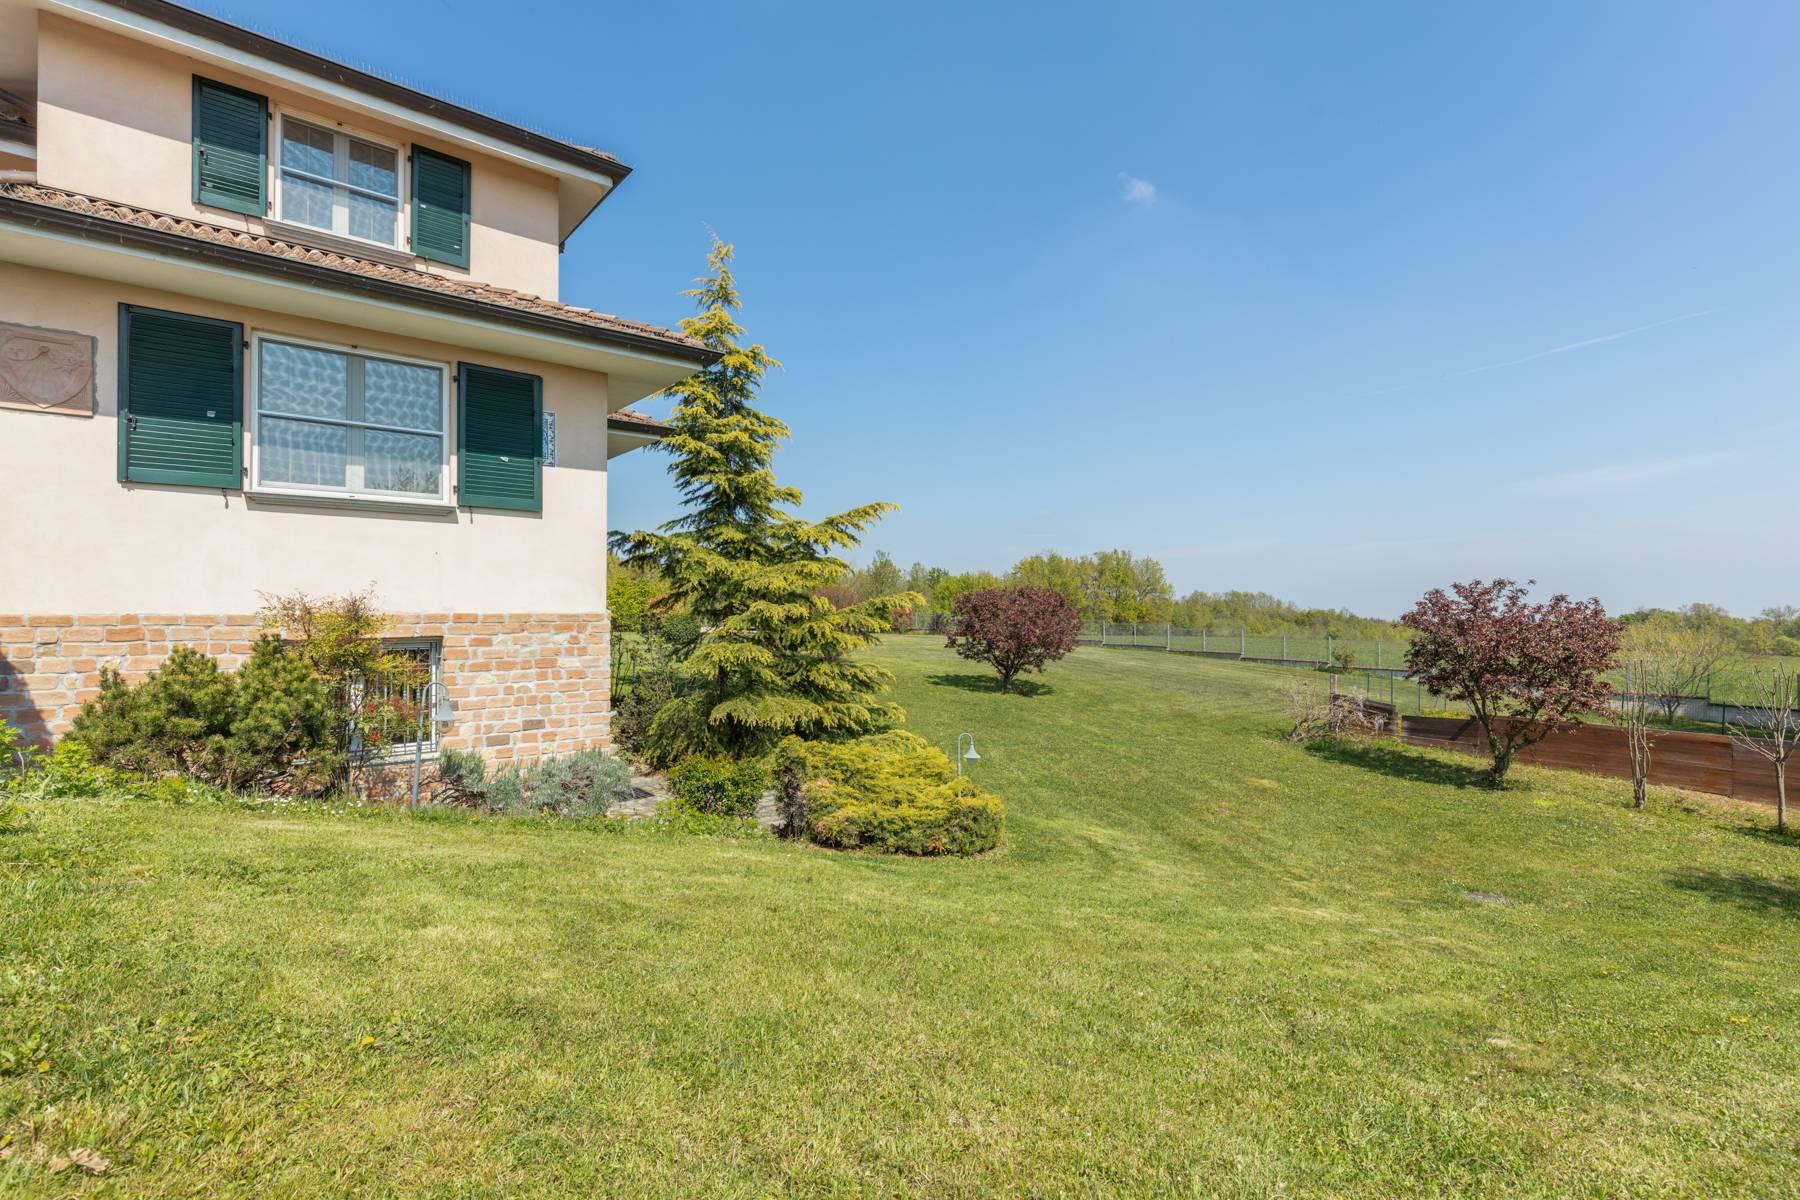 Villa in Vendita a Gazzola: 5 locali, 430 mq - Foto 26